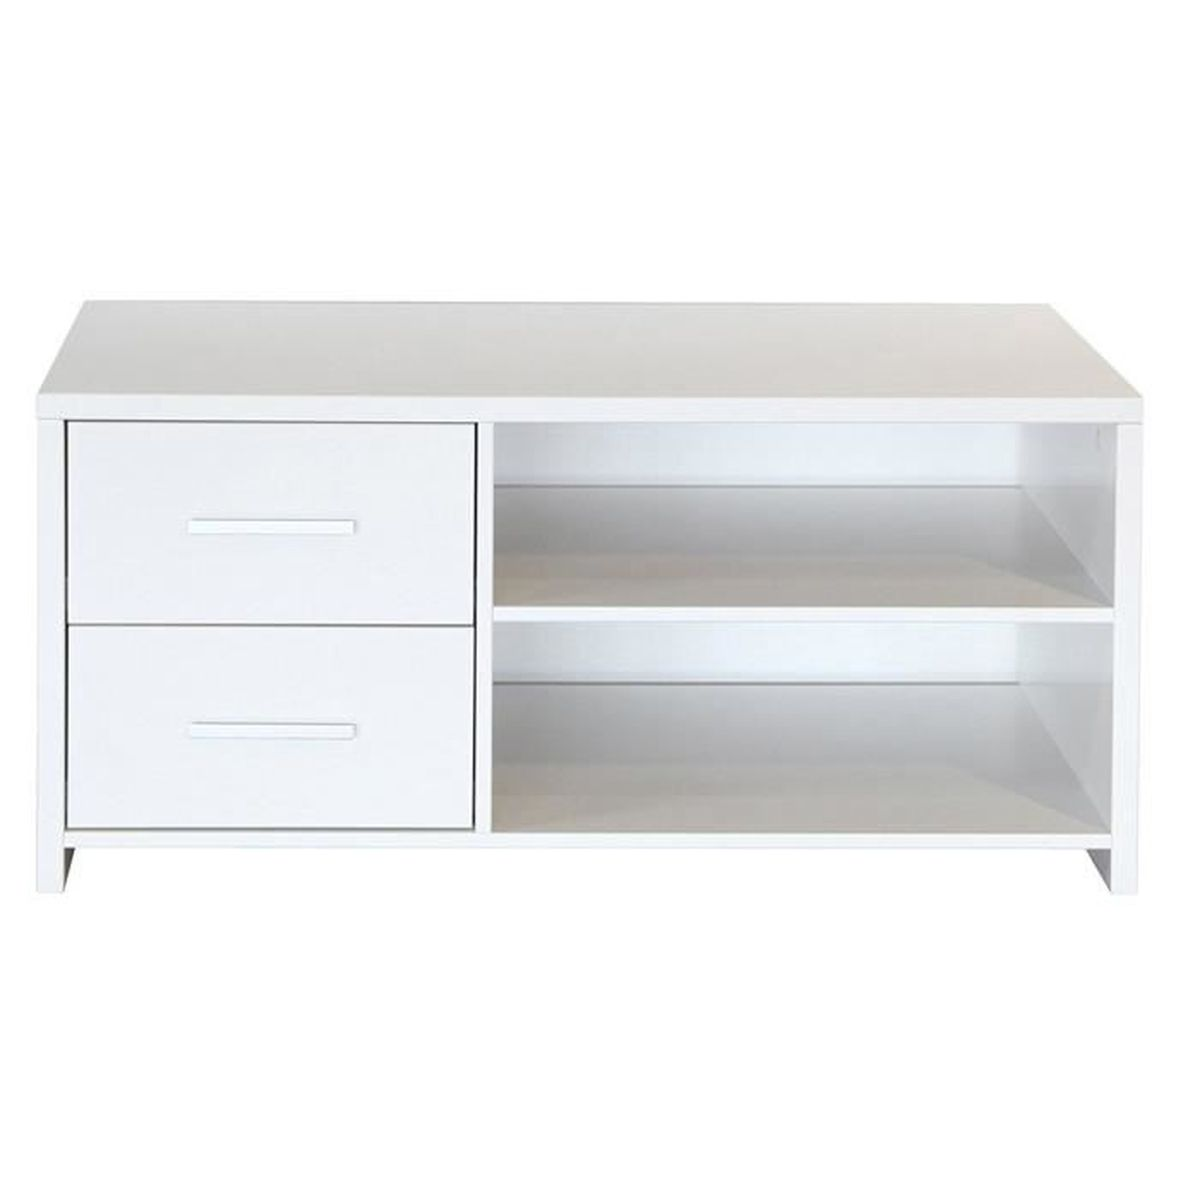 Meuble tv coloris blanc dim 47 x 101 x 49 cm achat for Meuble tv 49 pouces